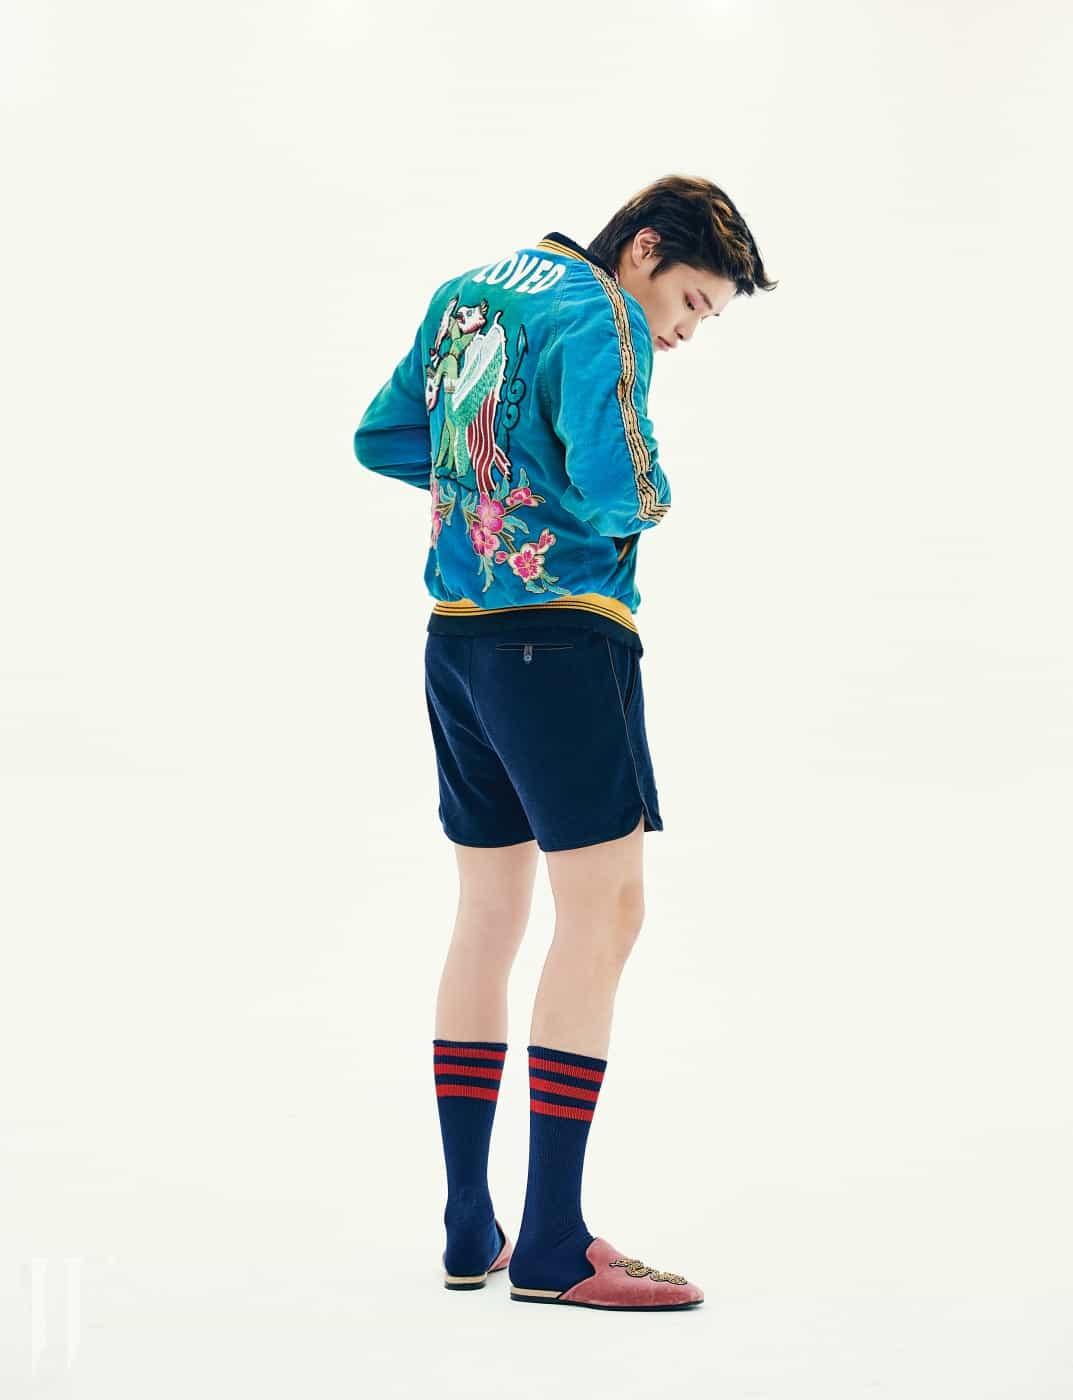 화려한 자수 장식 재킷은 구찌 제품. 8백95만원. 쇼츠는 펜디 제품. 가격 미정. 벨벳 소재 슬리퍼는 구찌 제품. 1백6만3천원.